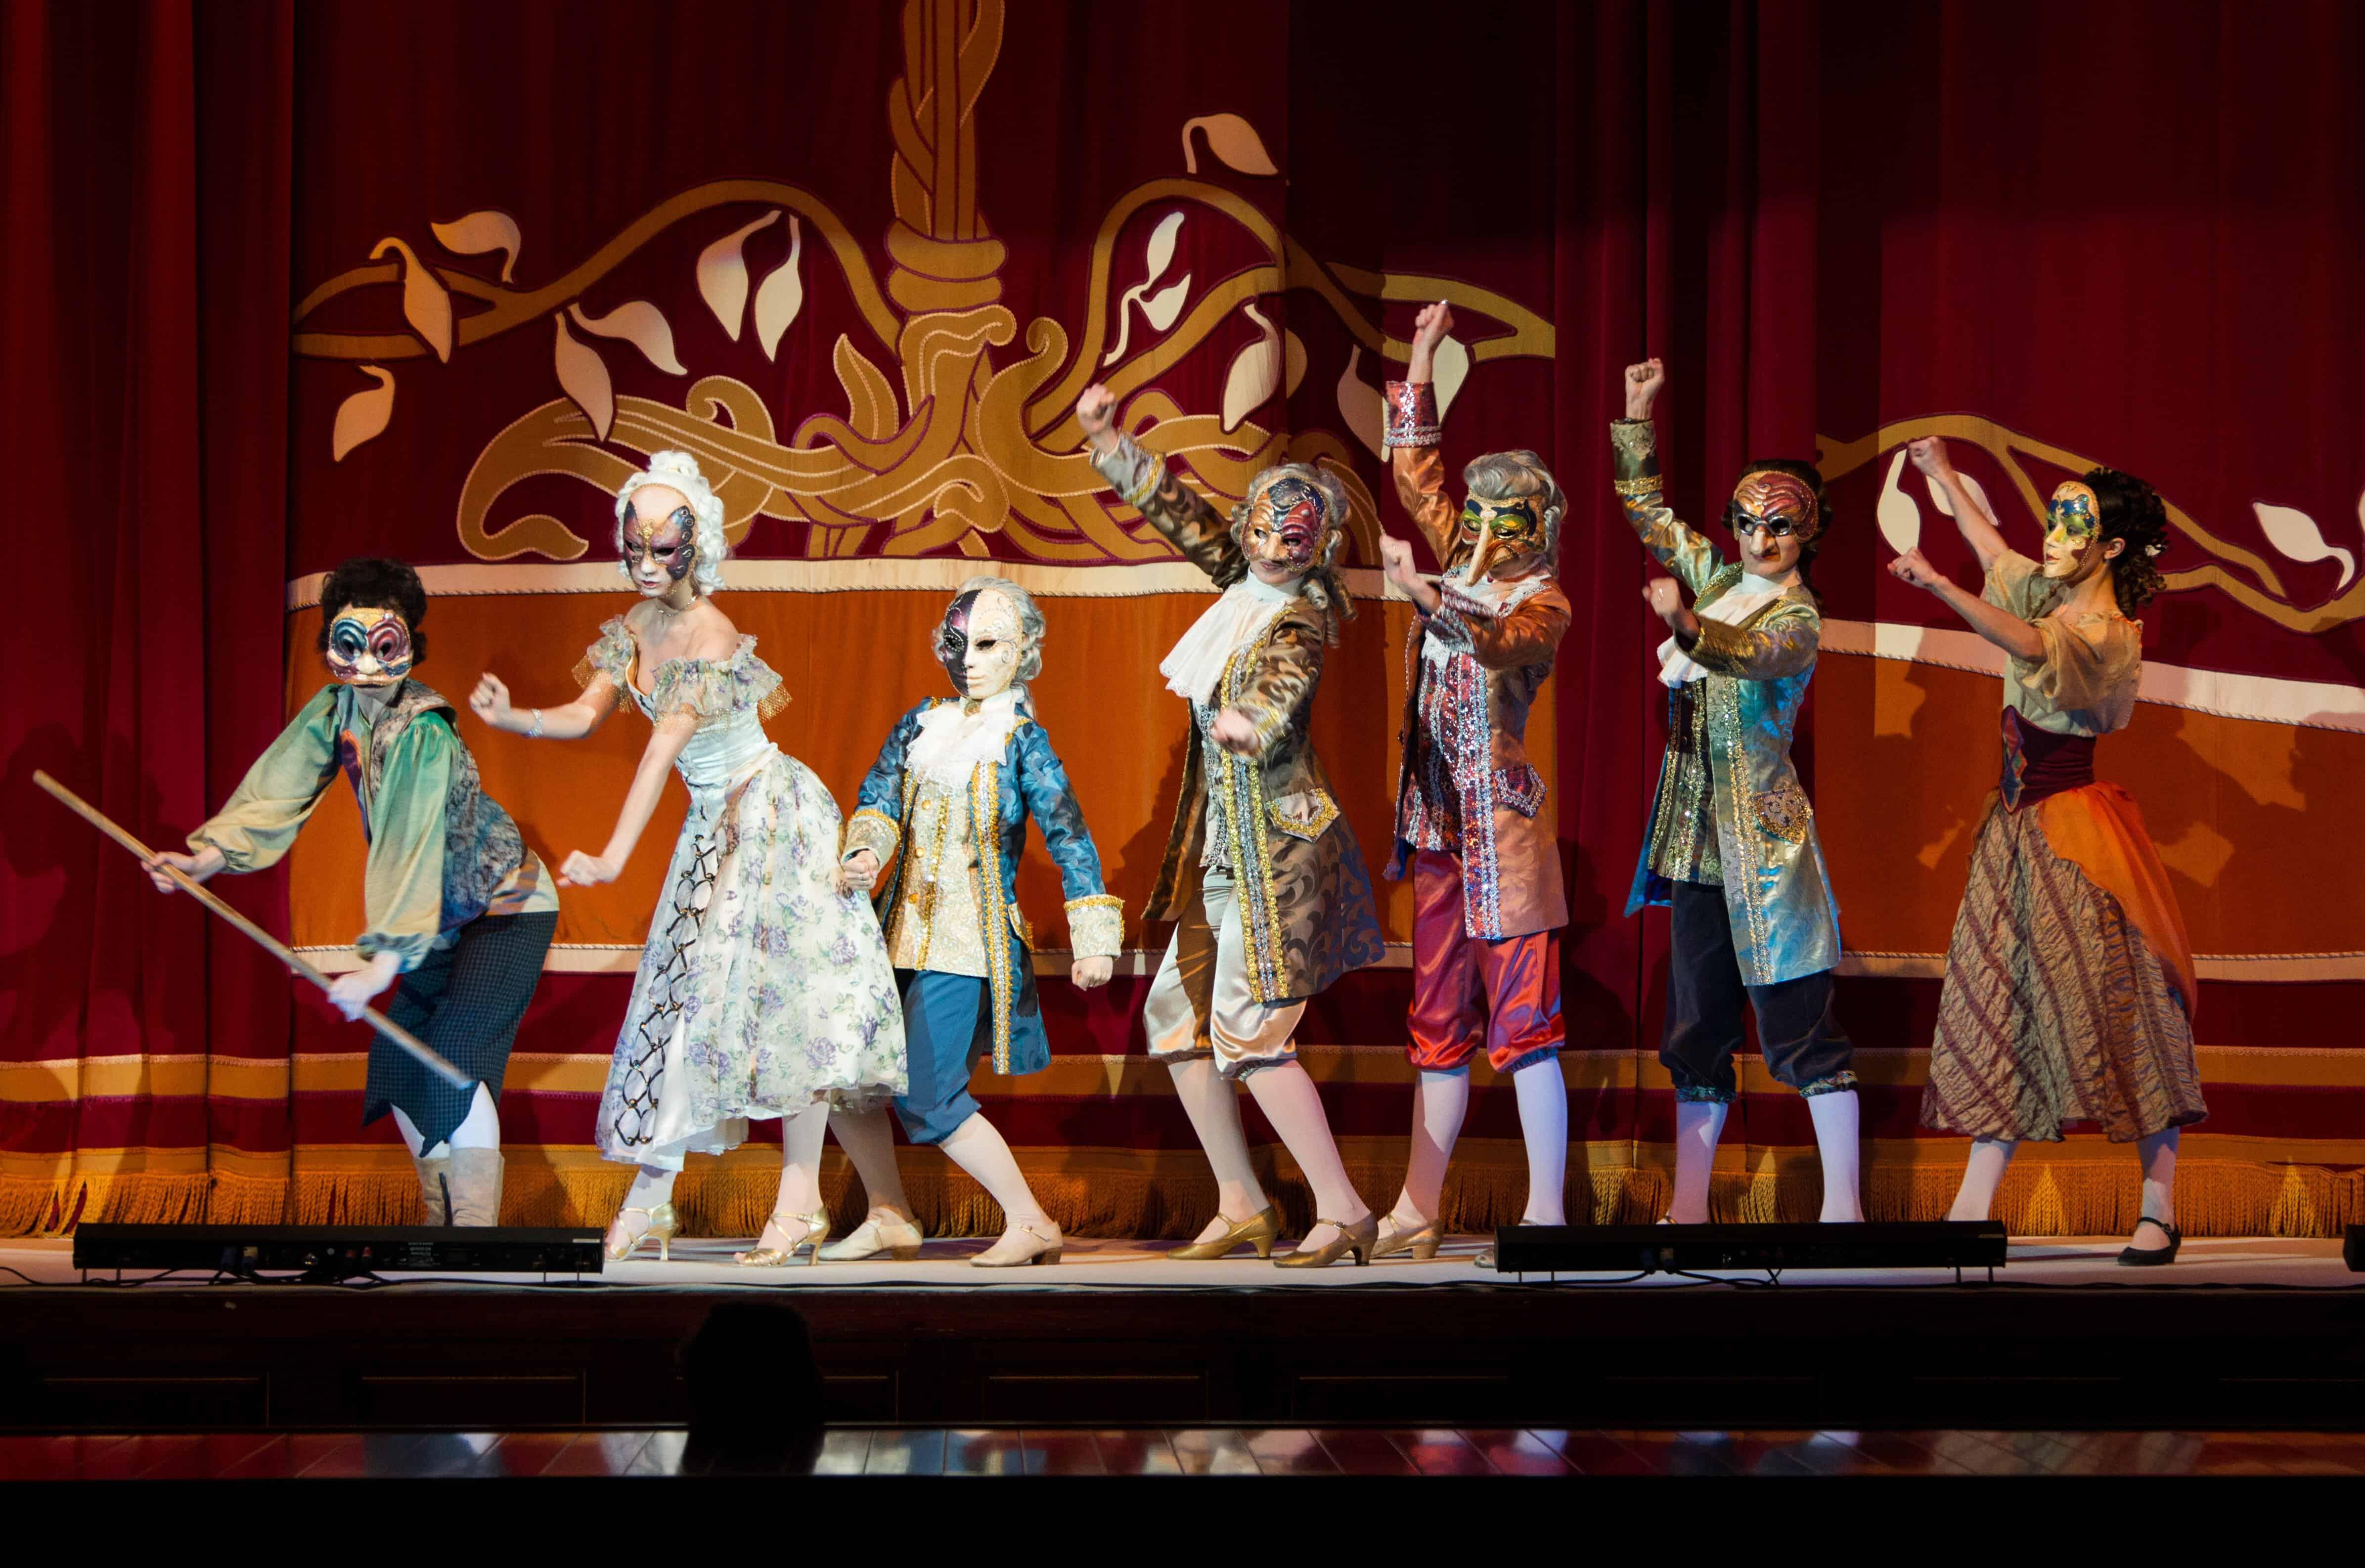 «Труффальдино из Бергамо»: в начале была Любовь «Труффальдино из Бергамо»: в начале была Любовь IMG 1489